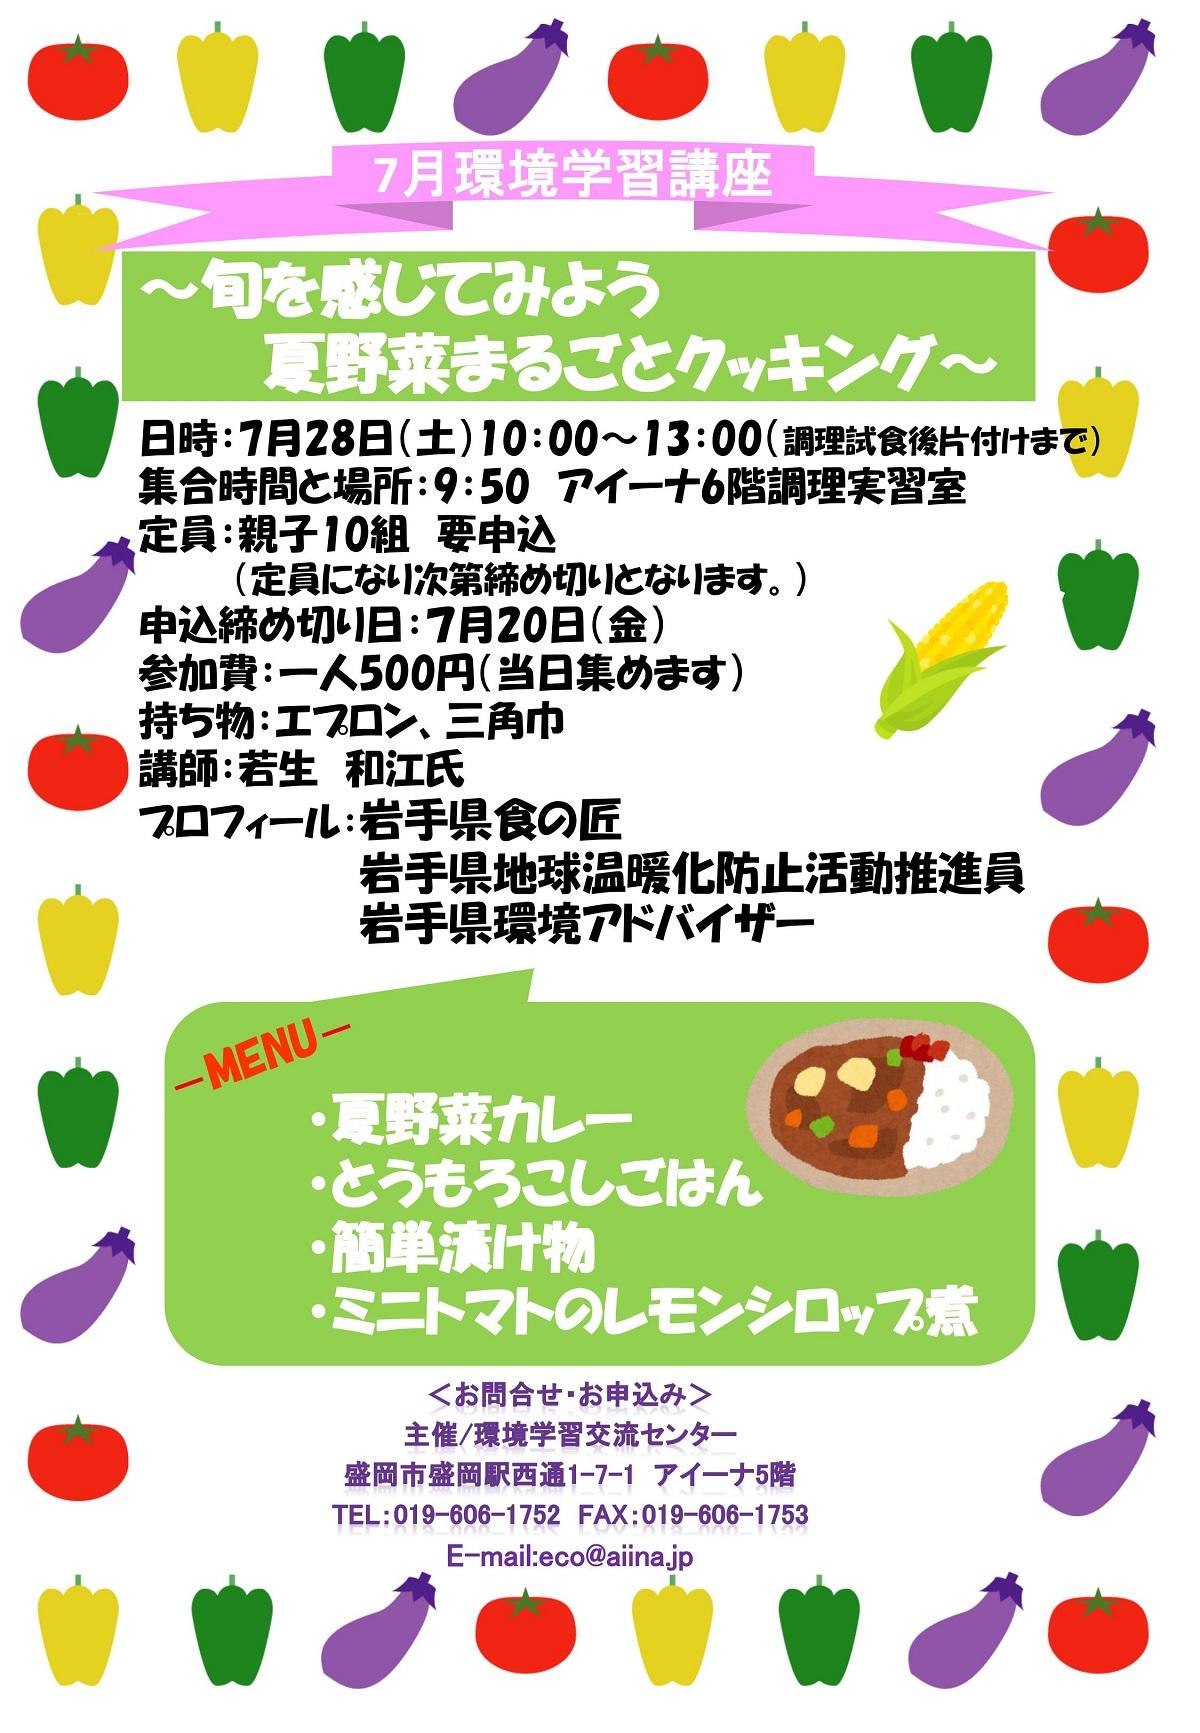 http://blog.iwate-eco.jp/2018/06/17/0001%20%284%29.jpg